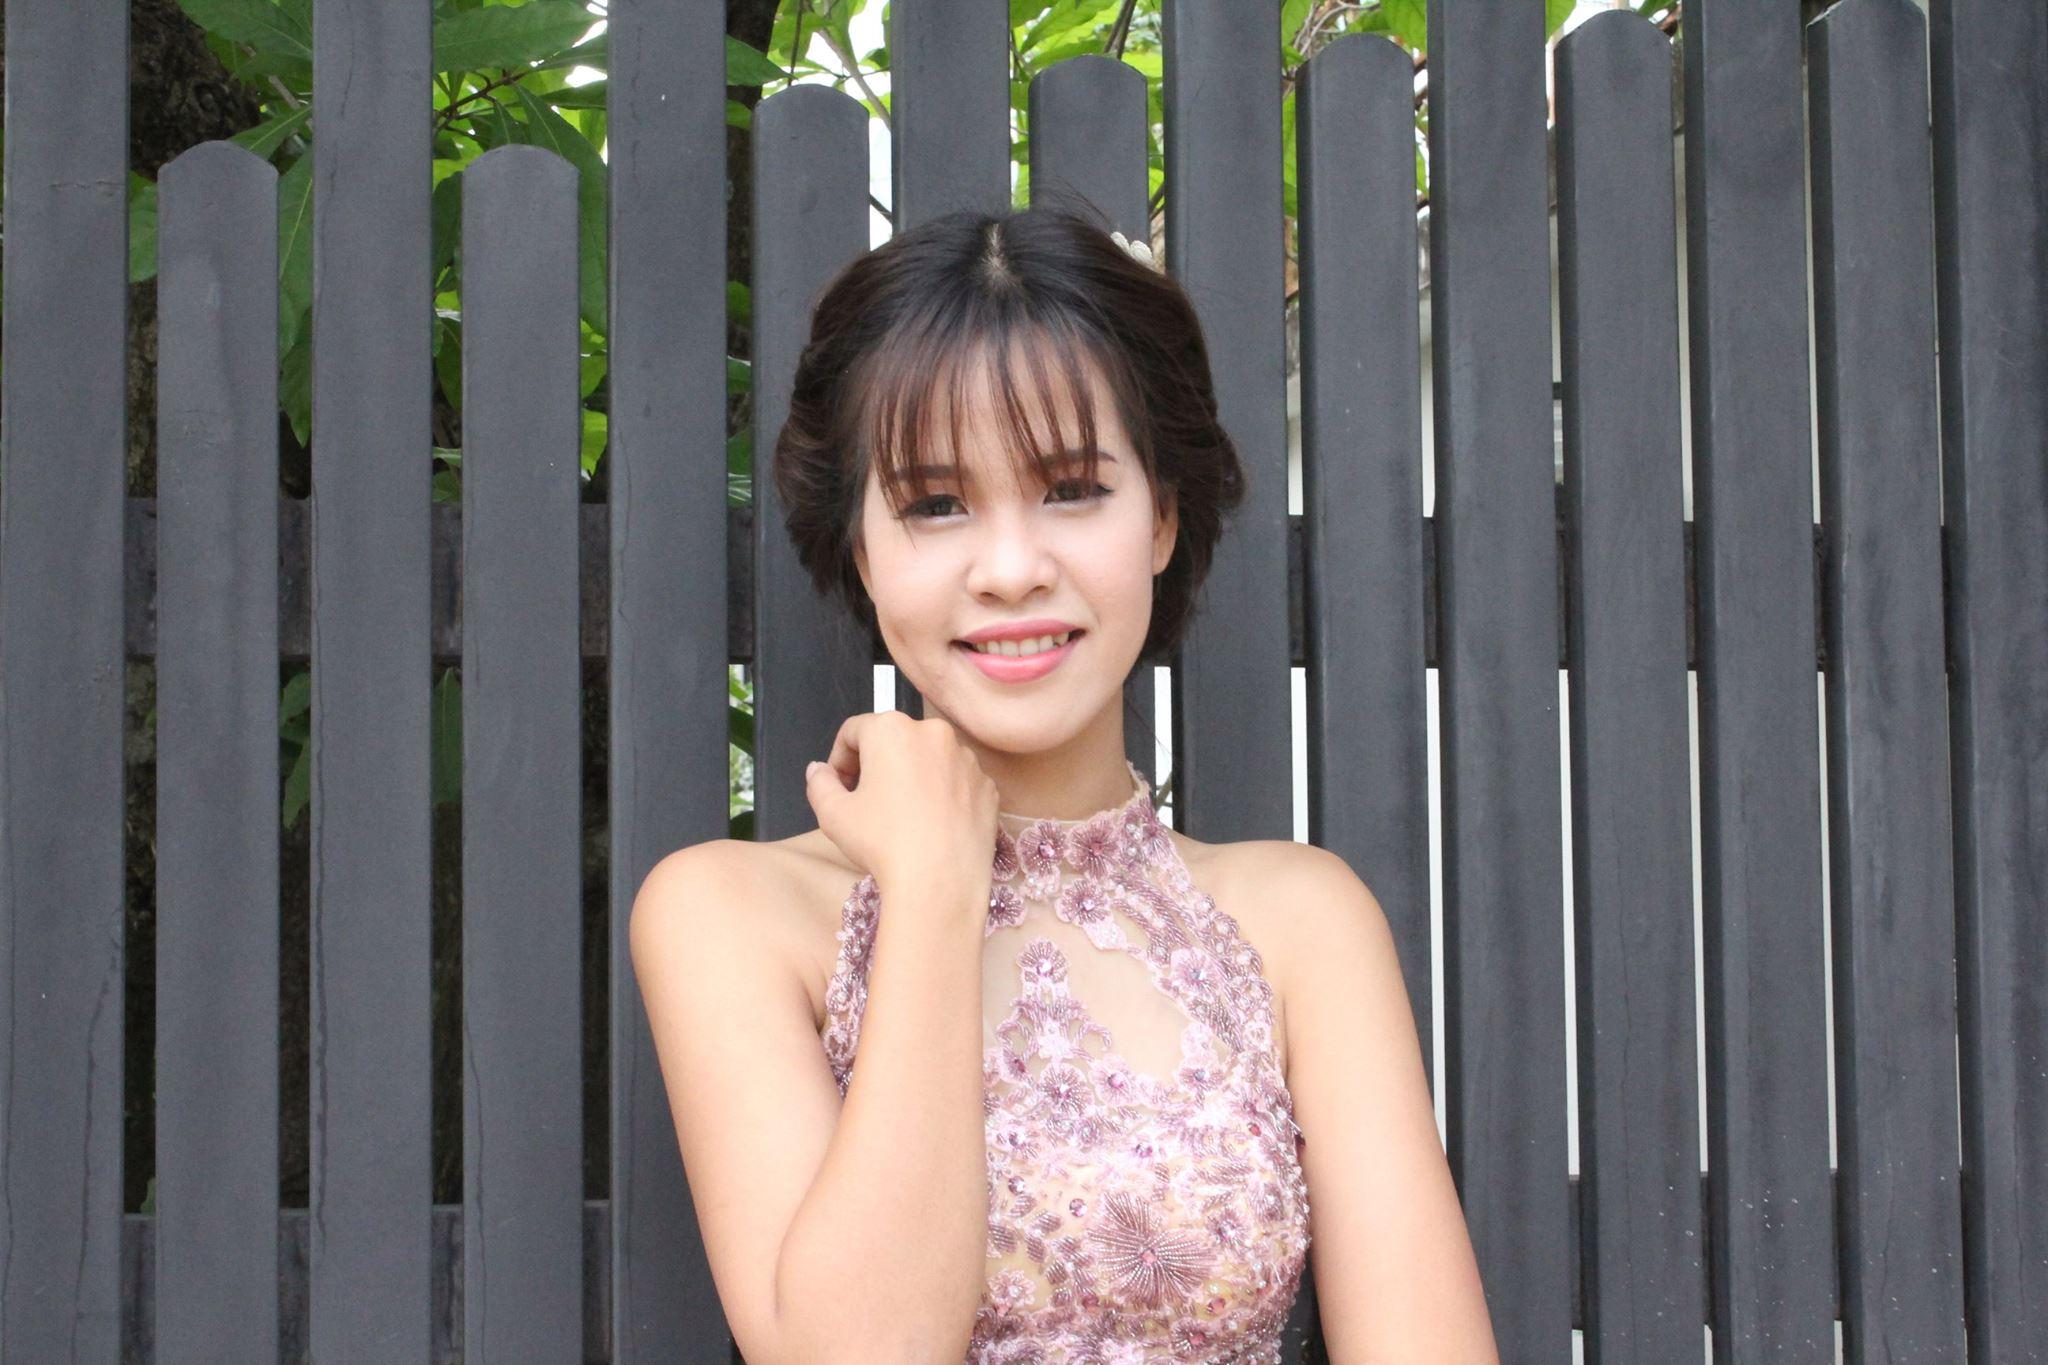 Ruby Thảo Trần (Trần Thị Ngọc Thảo)